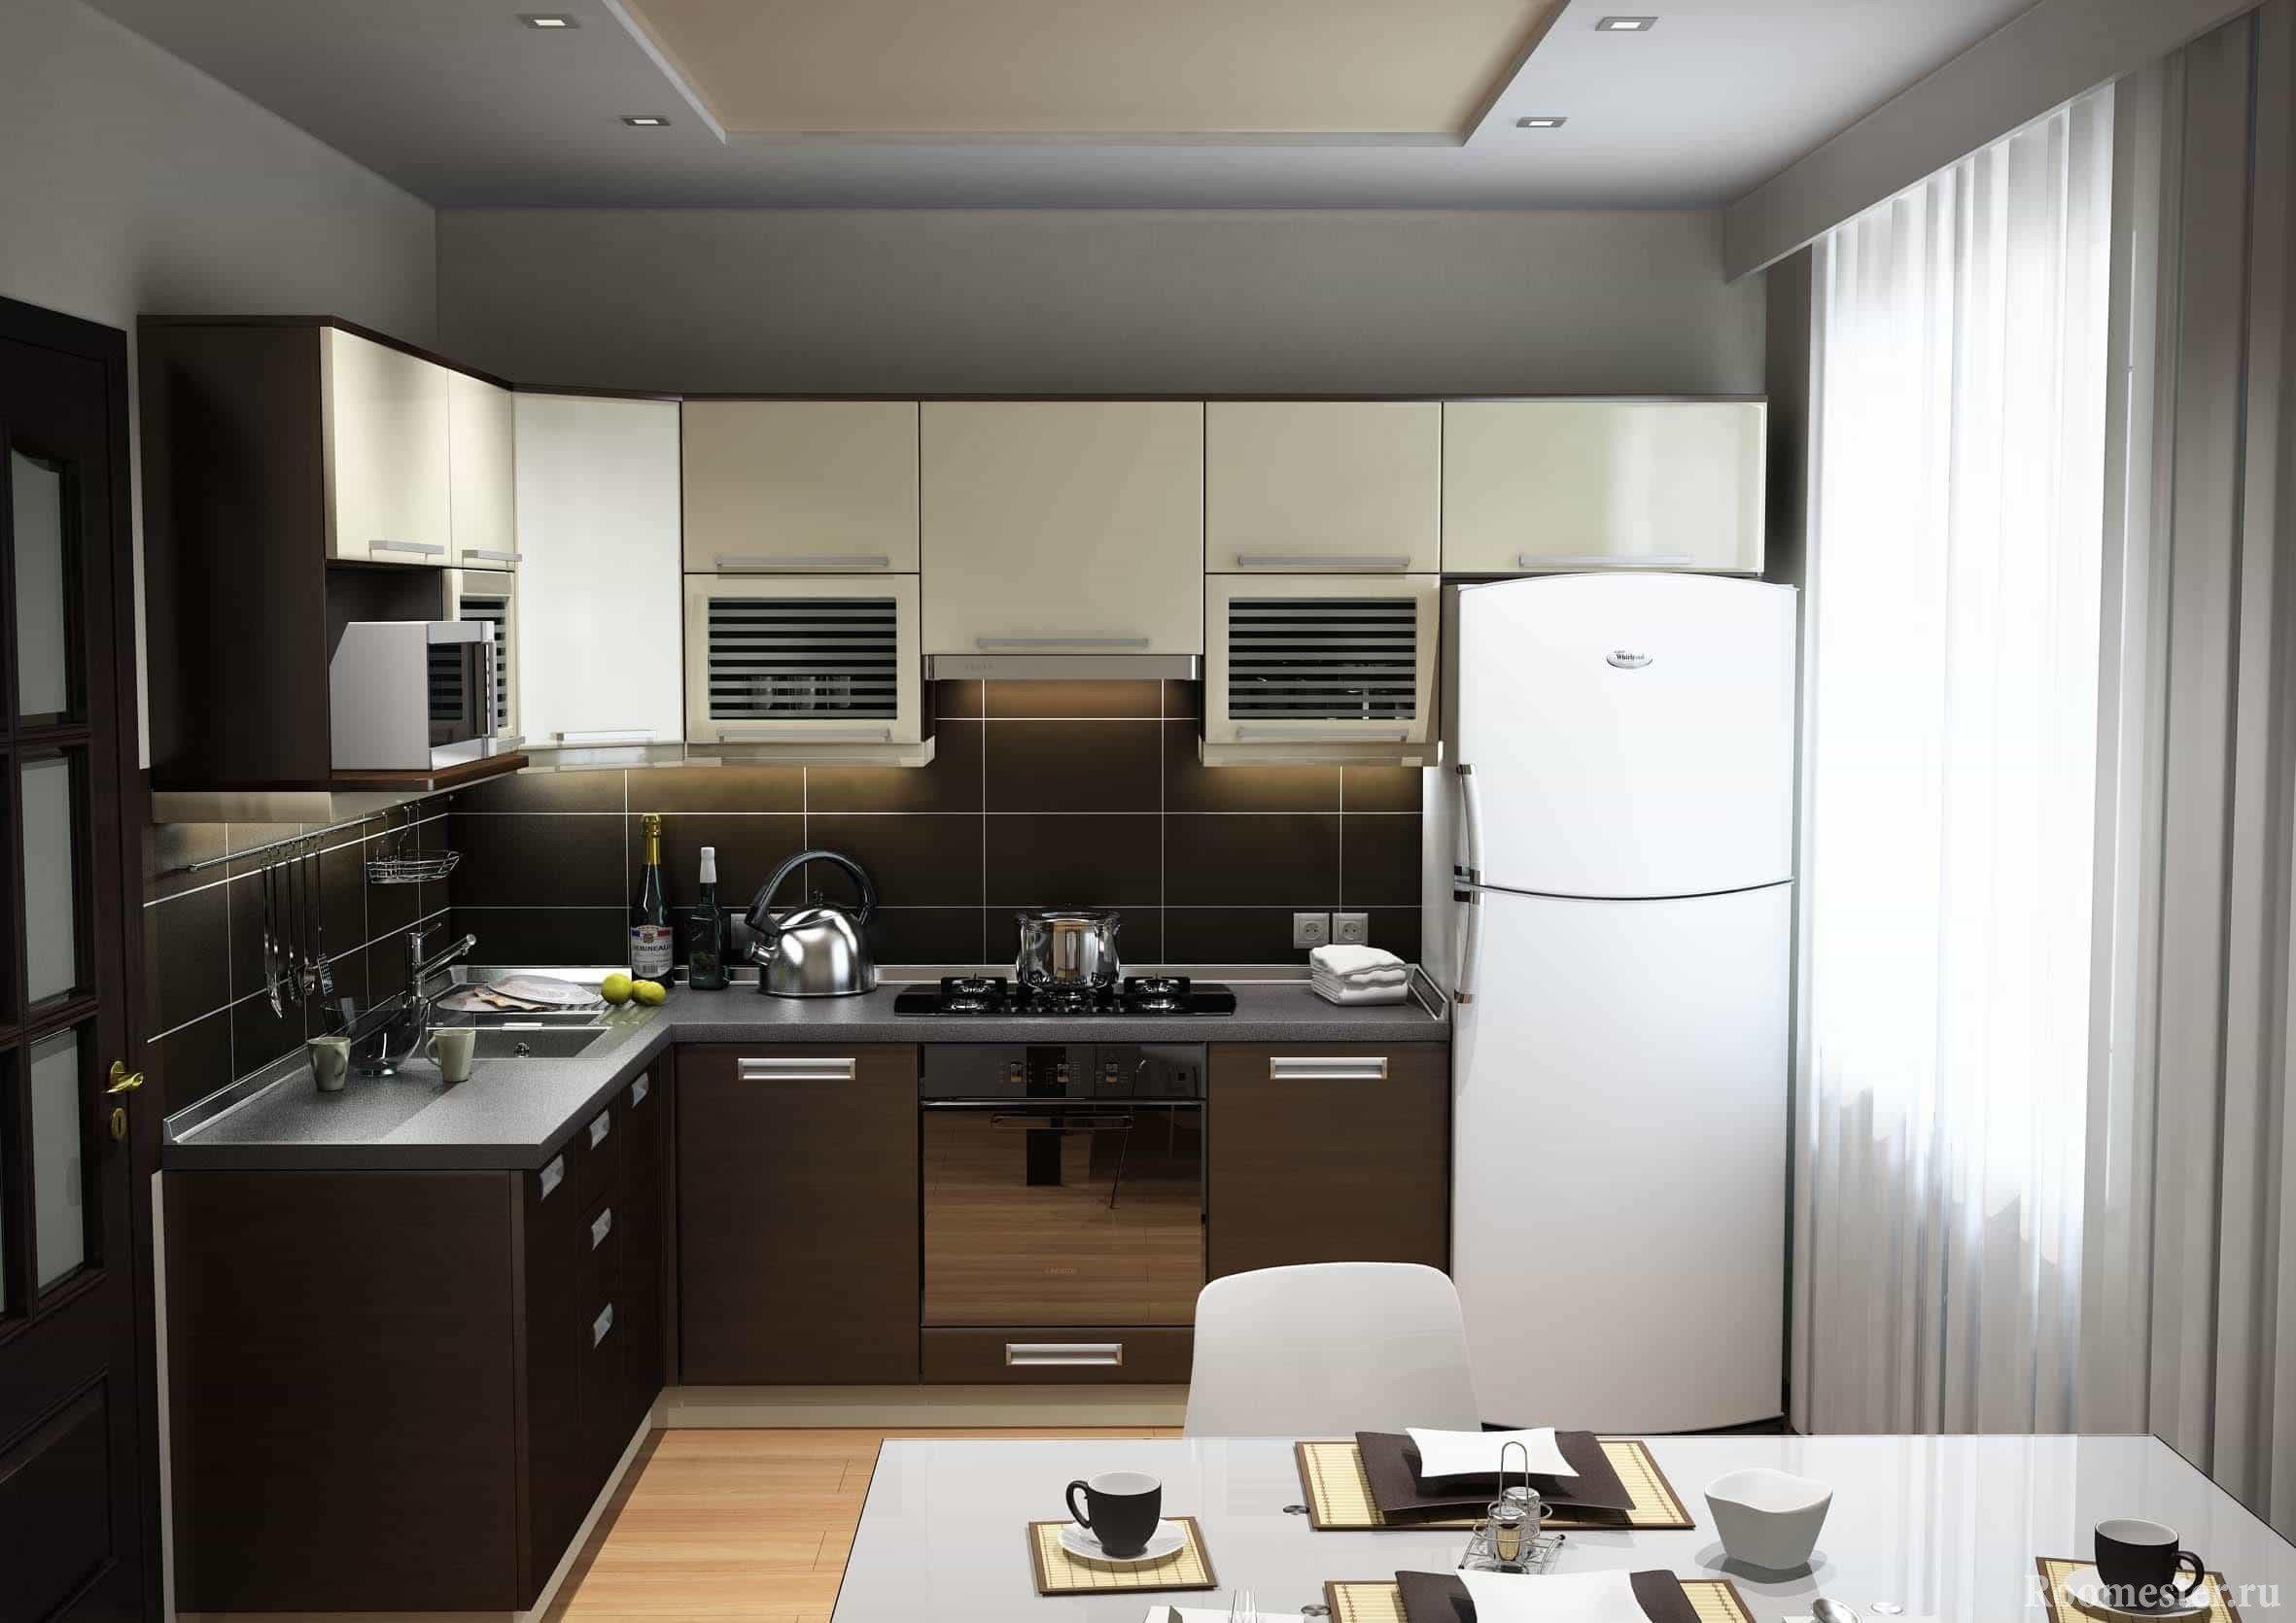 Компактное расположение мебели в маленькой кухне